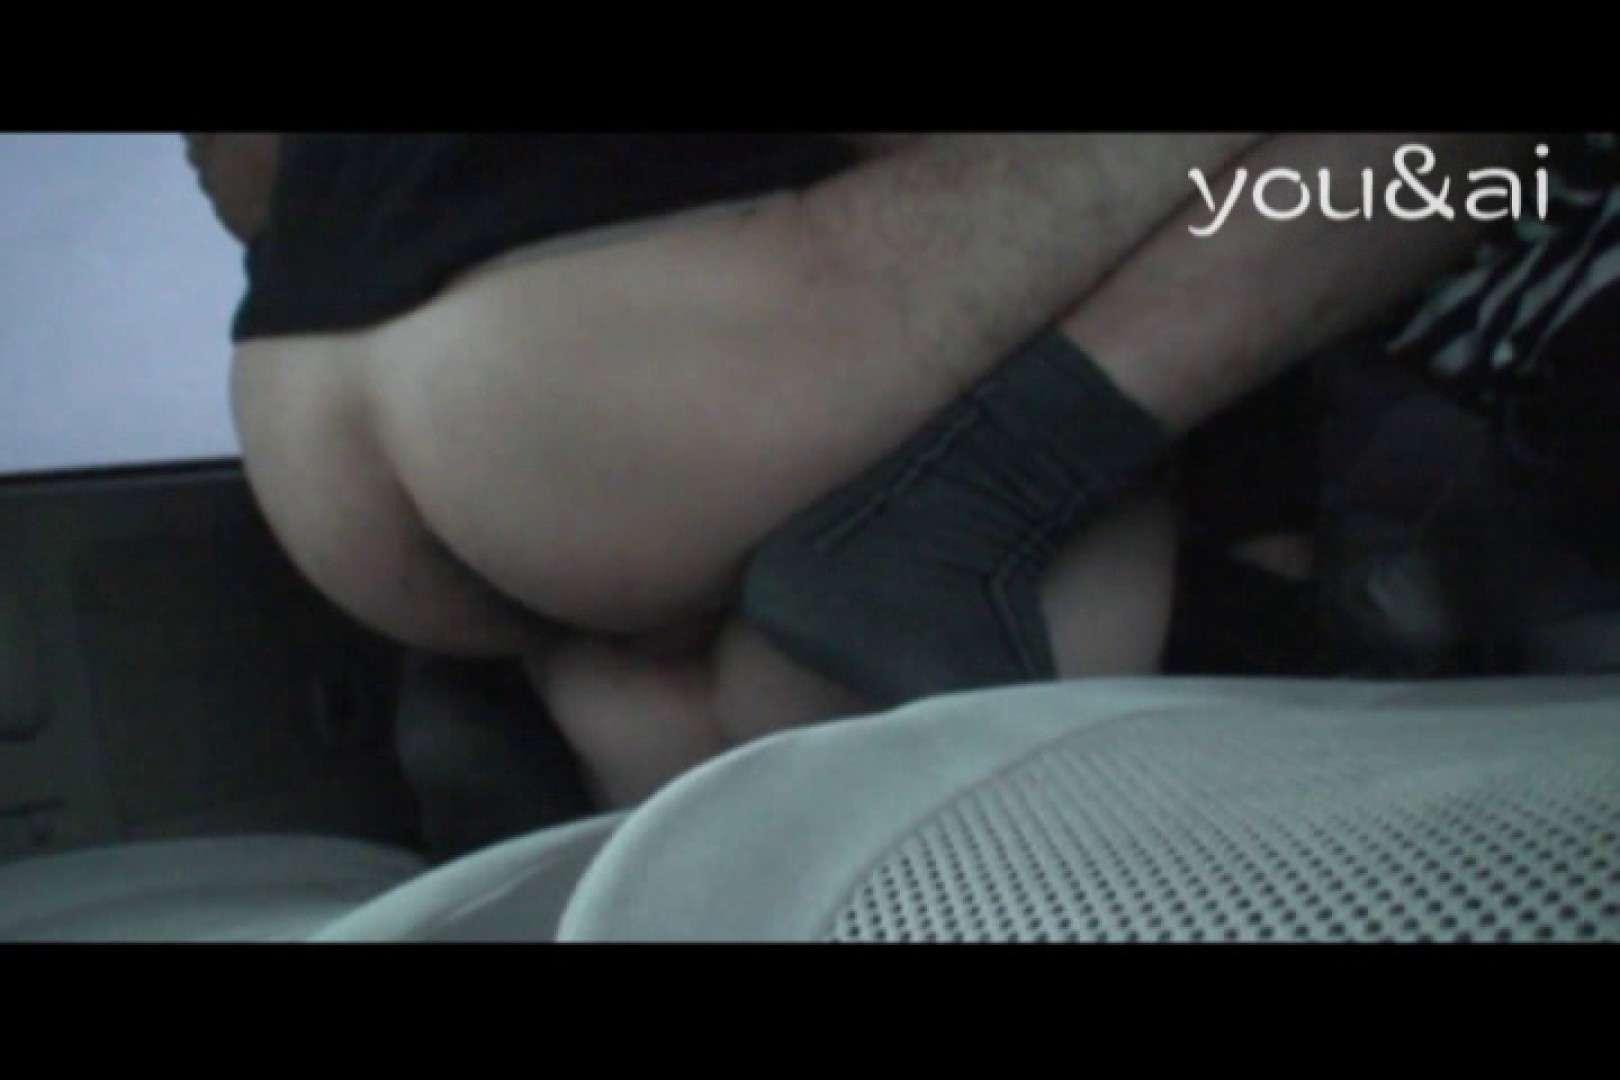 おしどり夫婦のyou&aiさん投稿作品vol.8 投稿 オマンコ動画キャプチャ 112pic 98